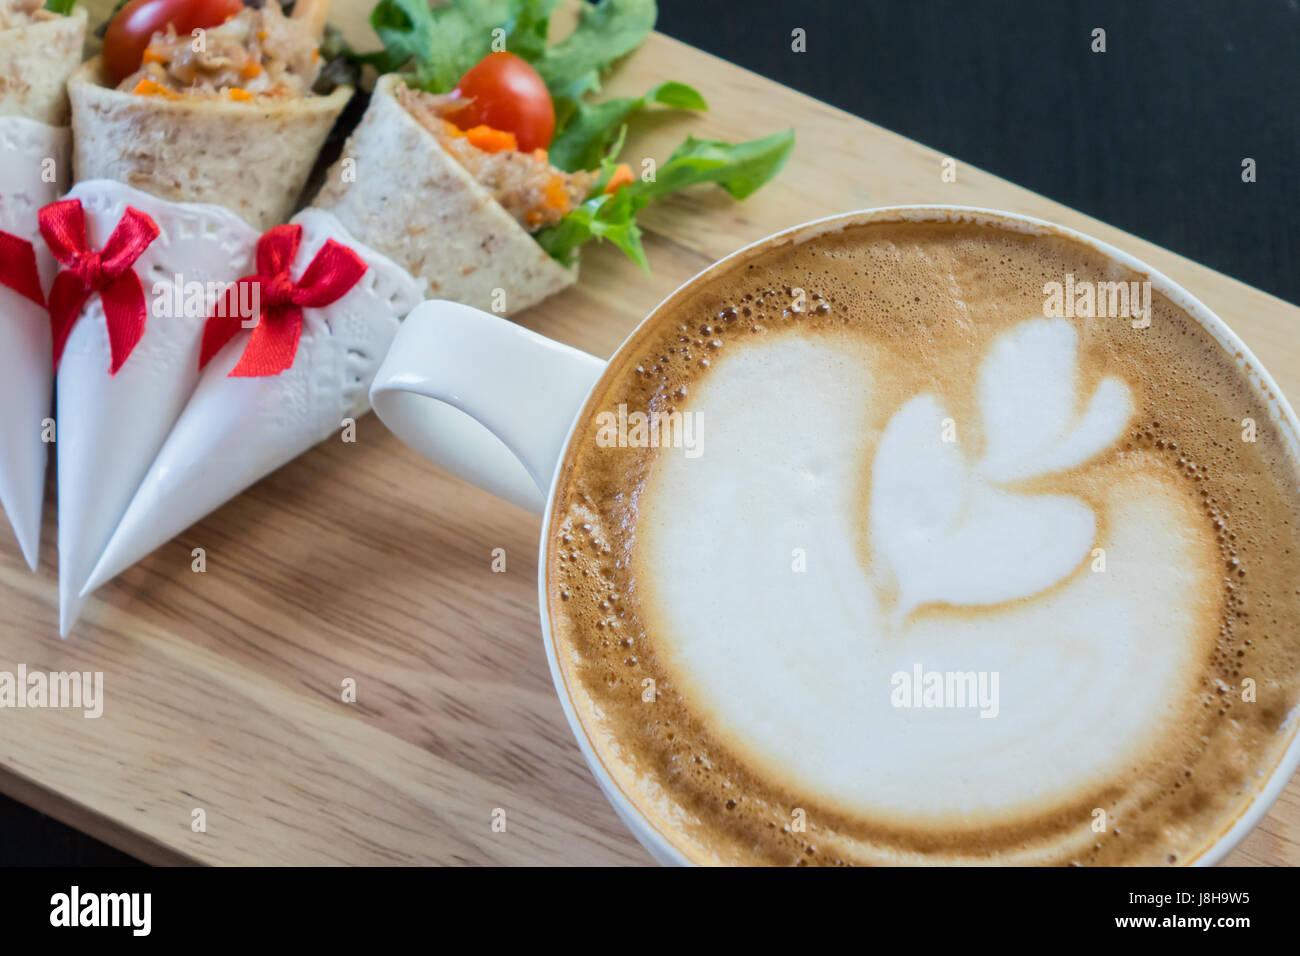 Latte art caffè con panini, tonno wrap. Immagini Stock